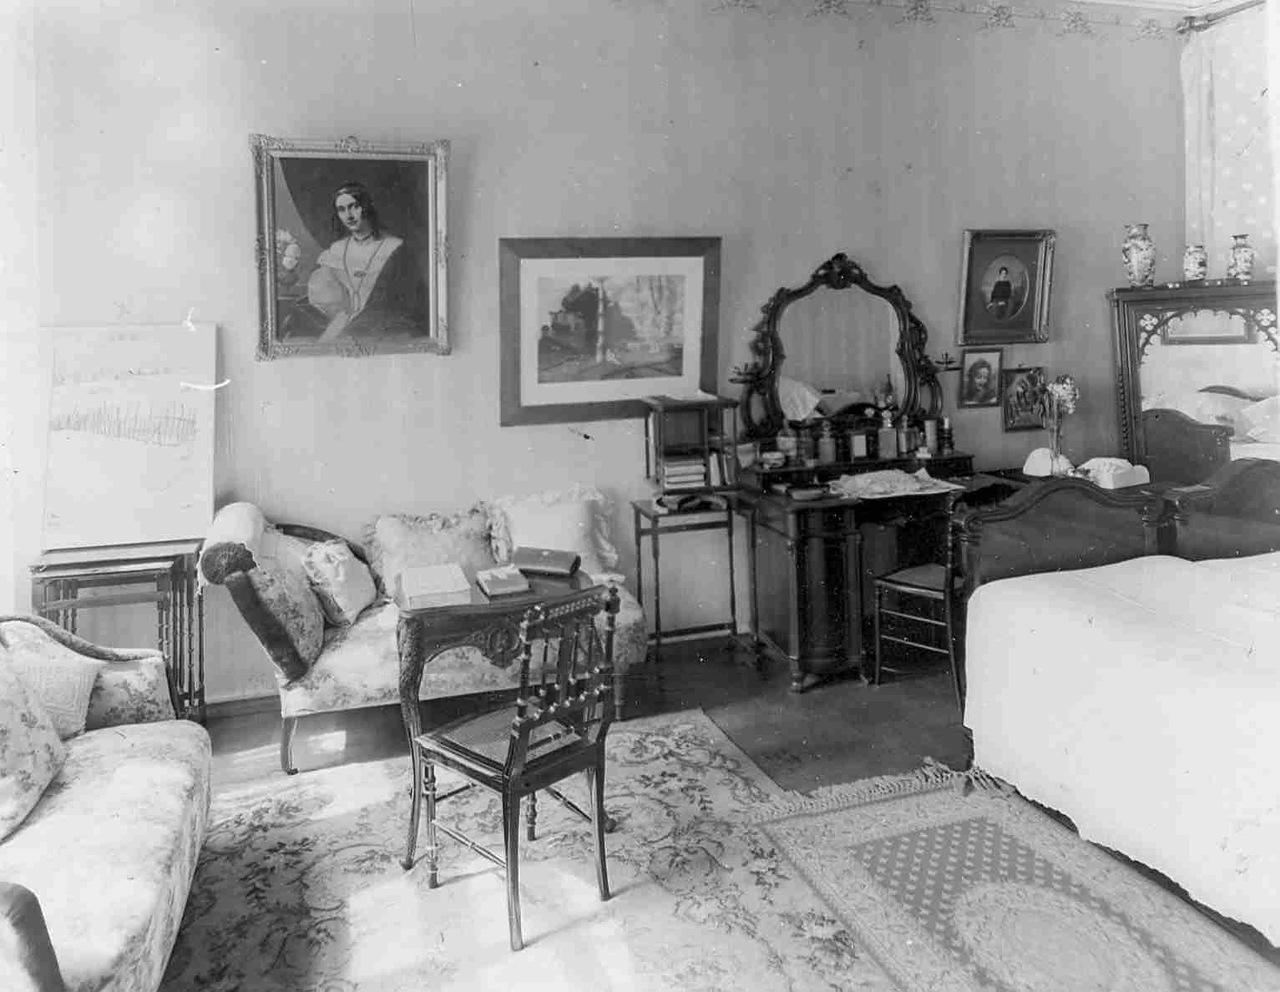 0_aaeb3_9c853f7_XXXLСпальня в квартире барона Икскуля.